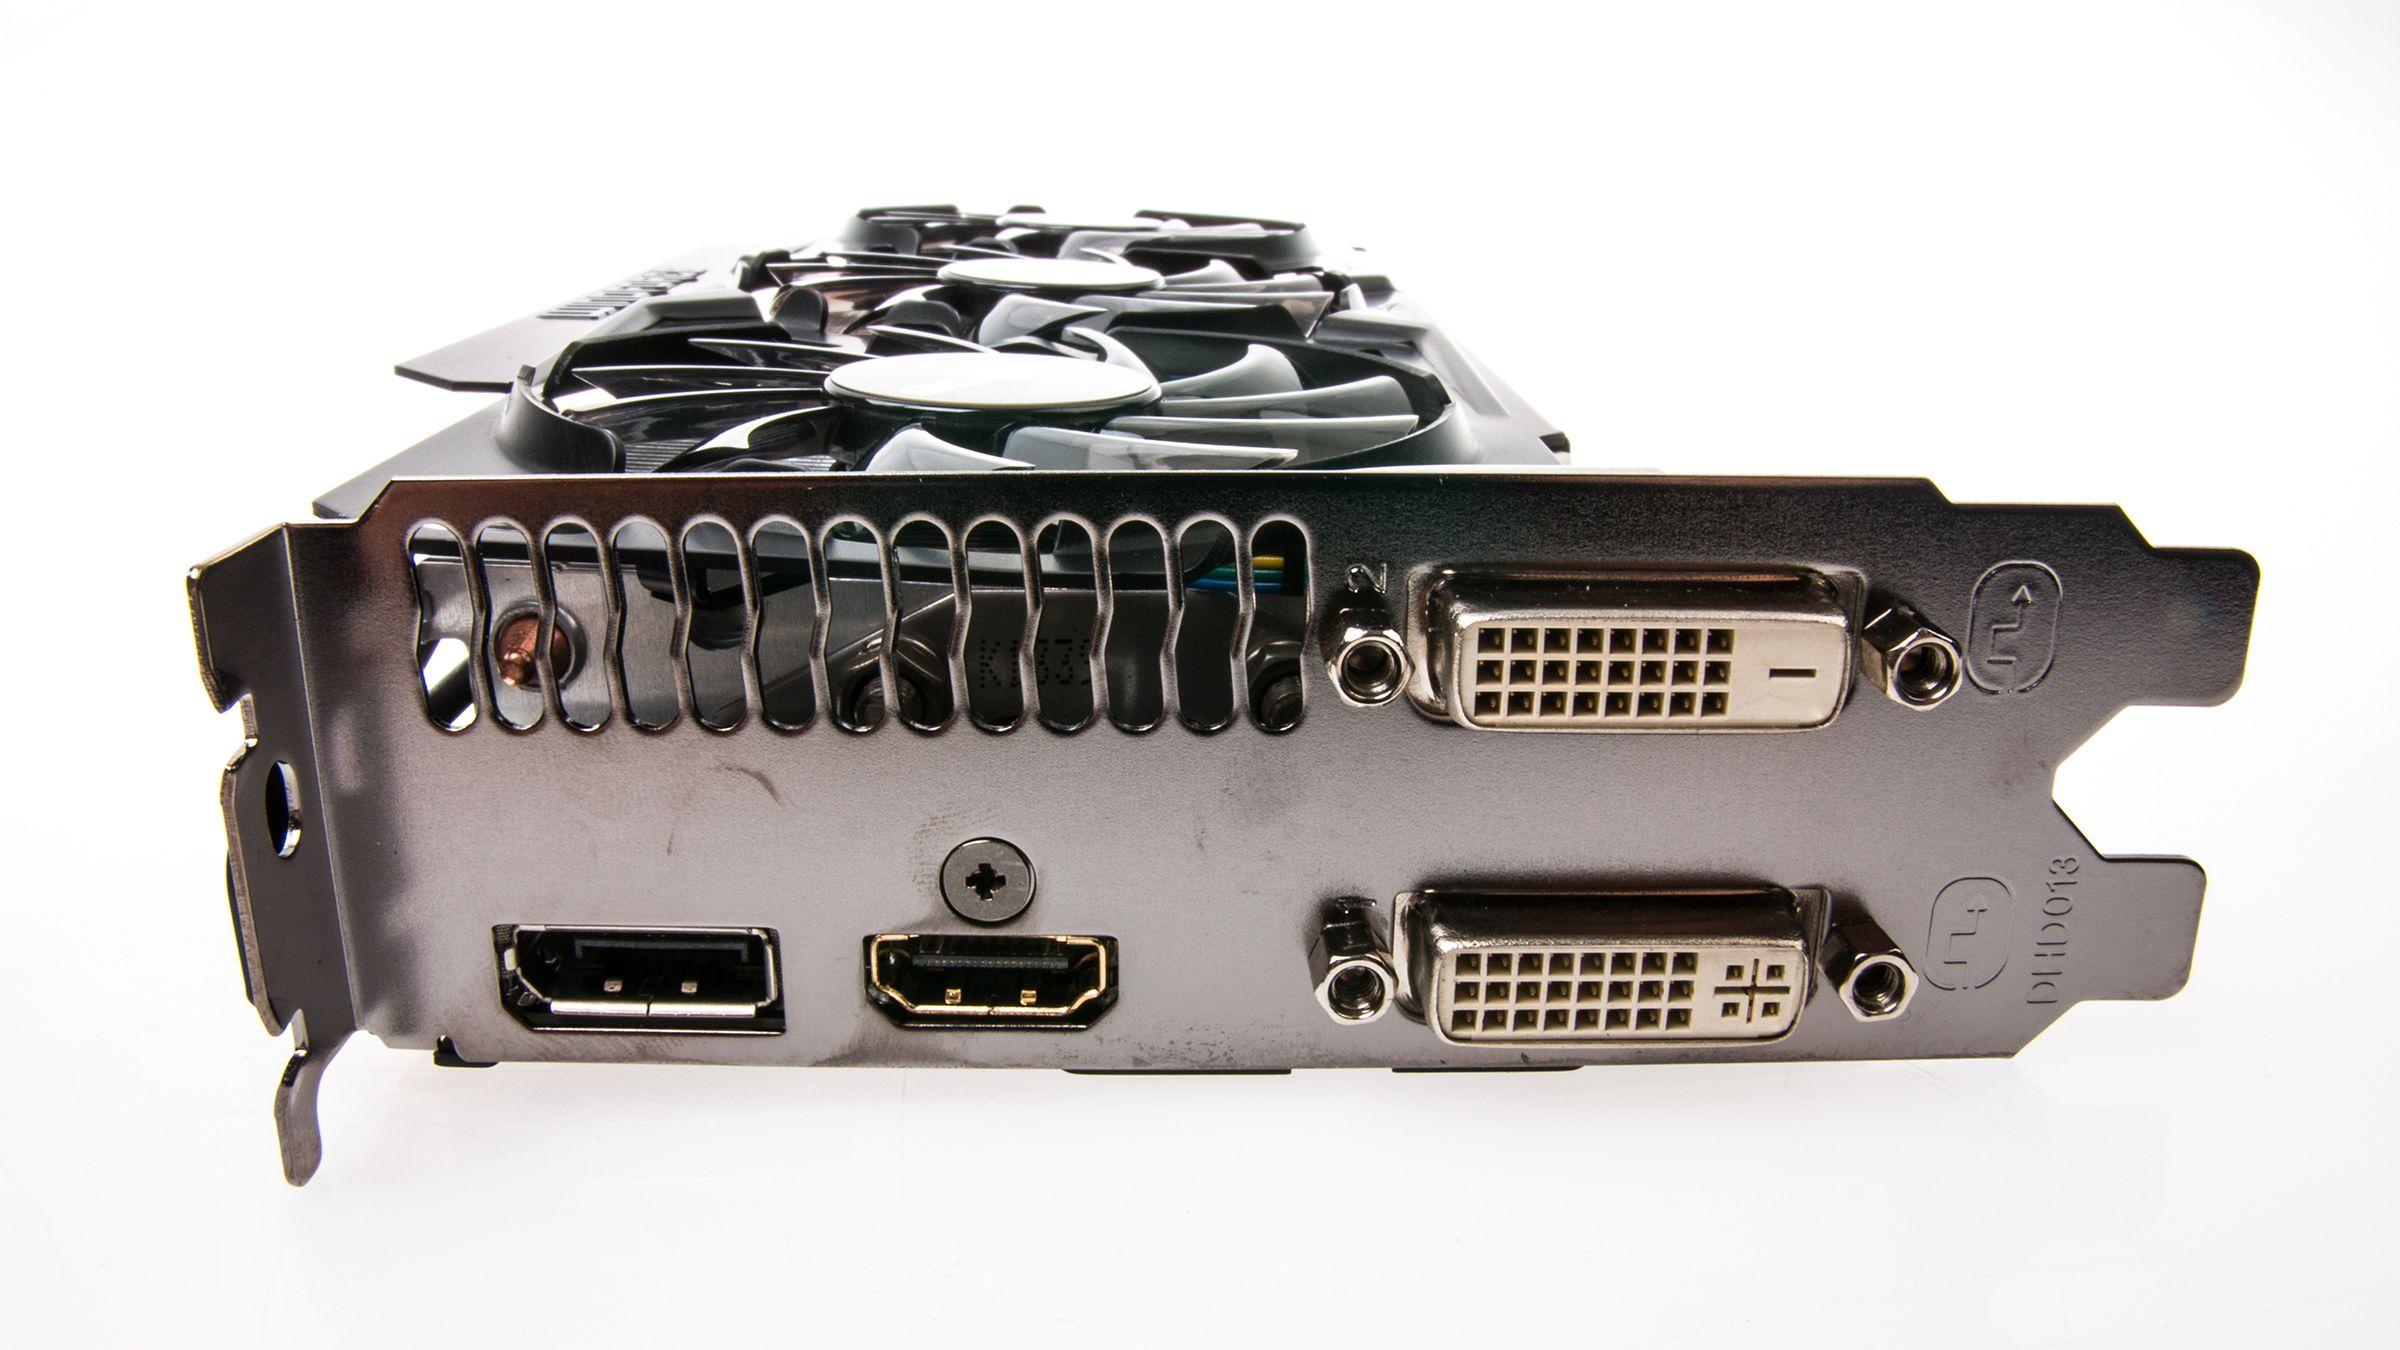 Gigabyte GeForce GTX 780 GHz Edition har de samme tilkoblingene som alle kort i sin familie.Foto: Varg Aamo, Hardware.no